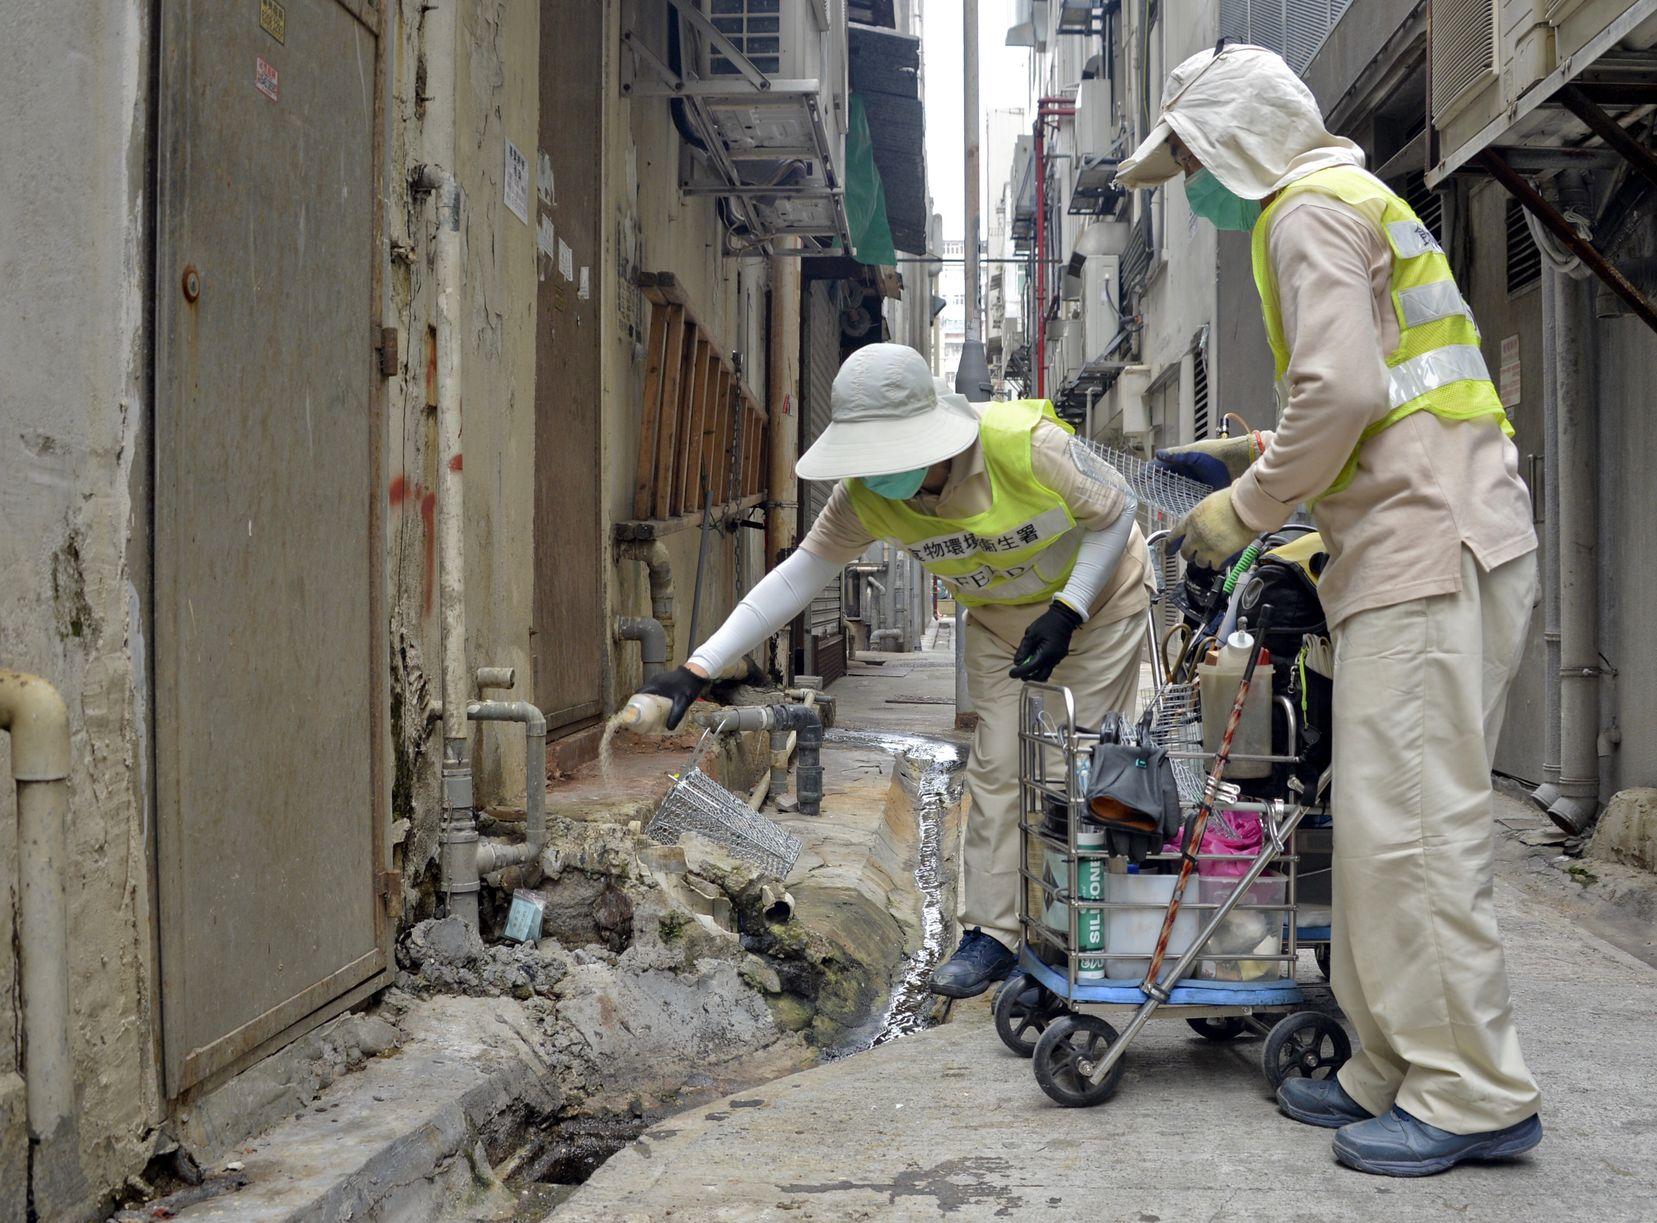 食环署明年5月及11月续推小区灭鼠 研热能探测监察老鼠九龙城试行